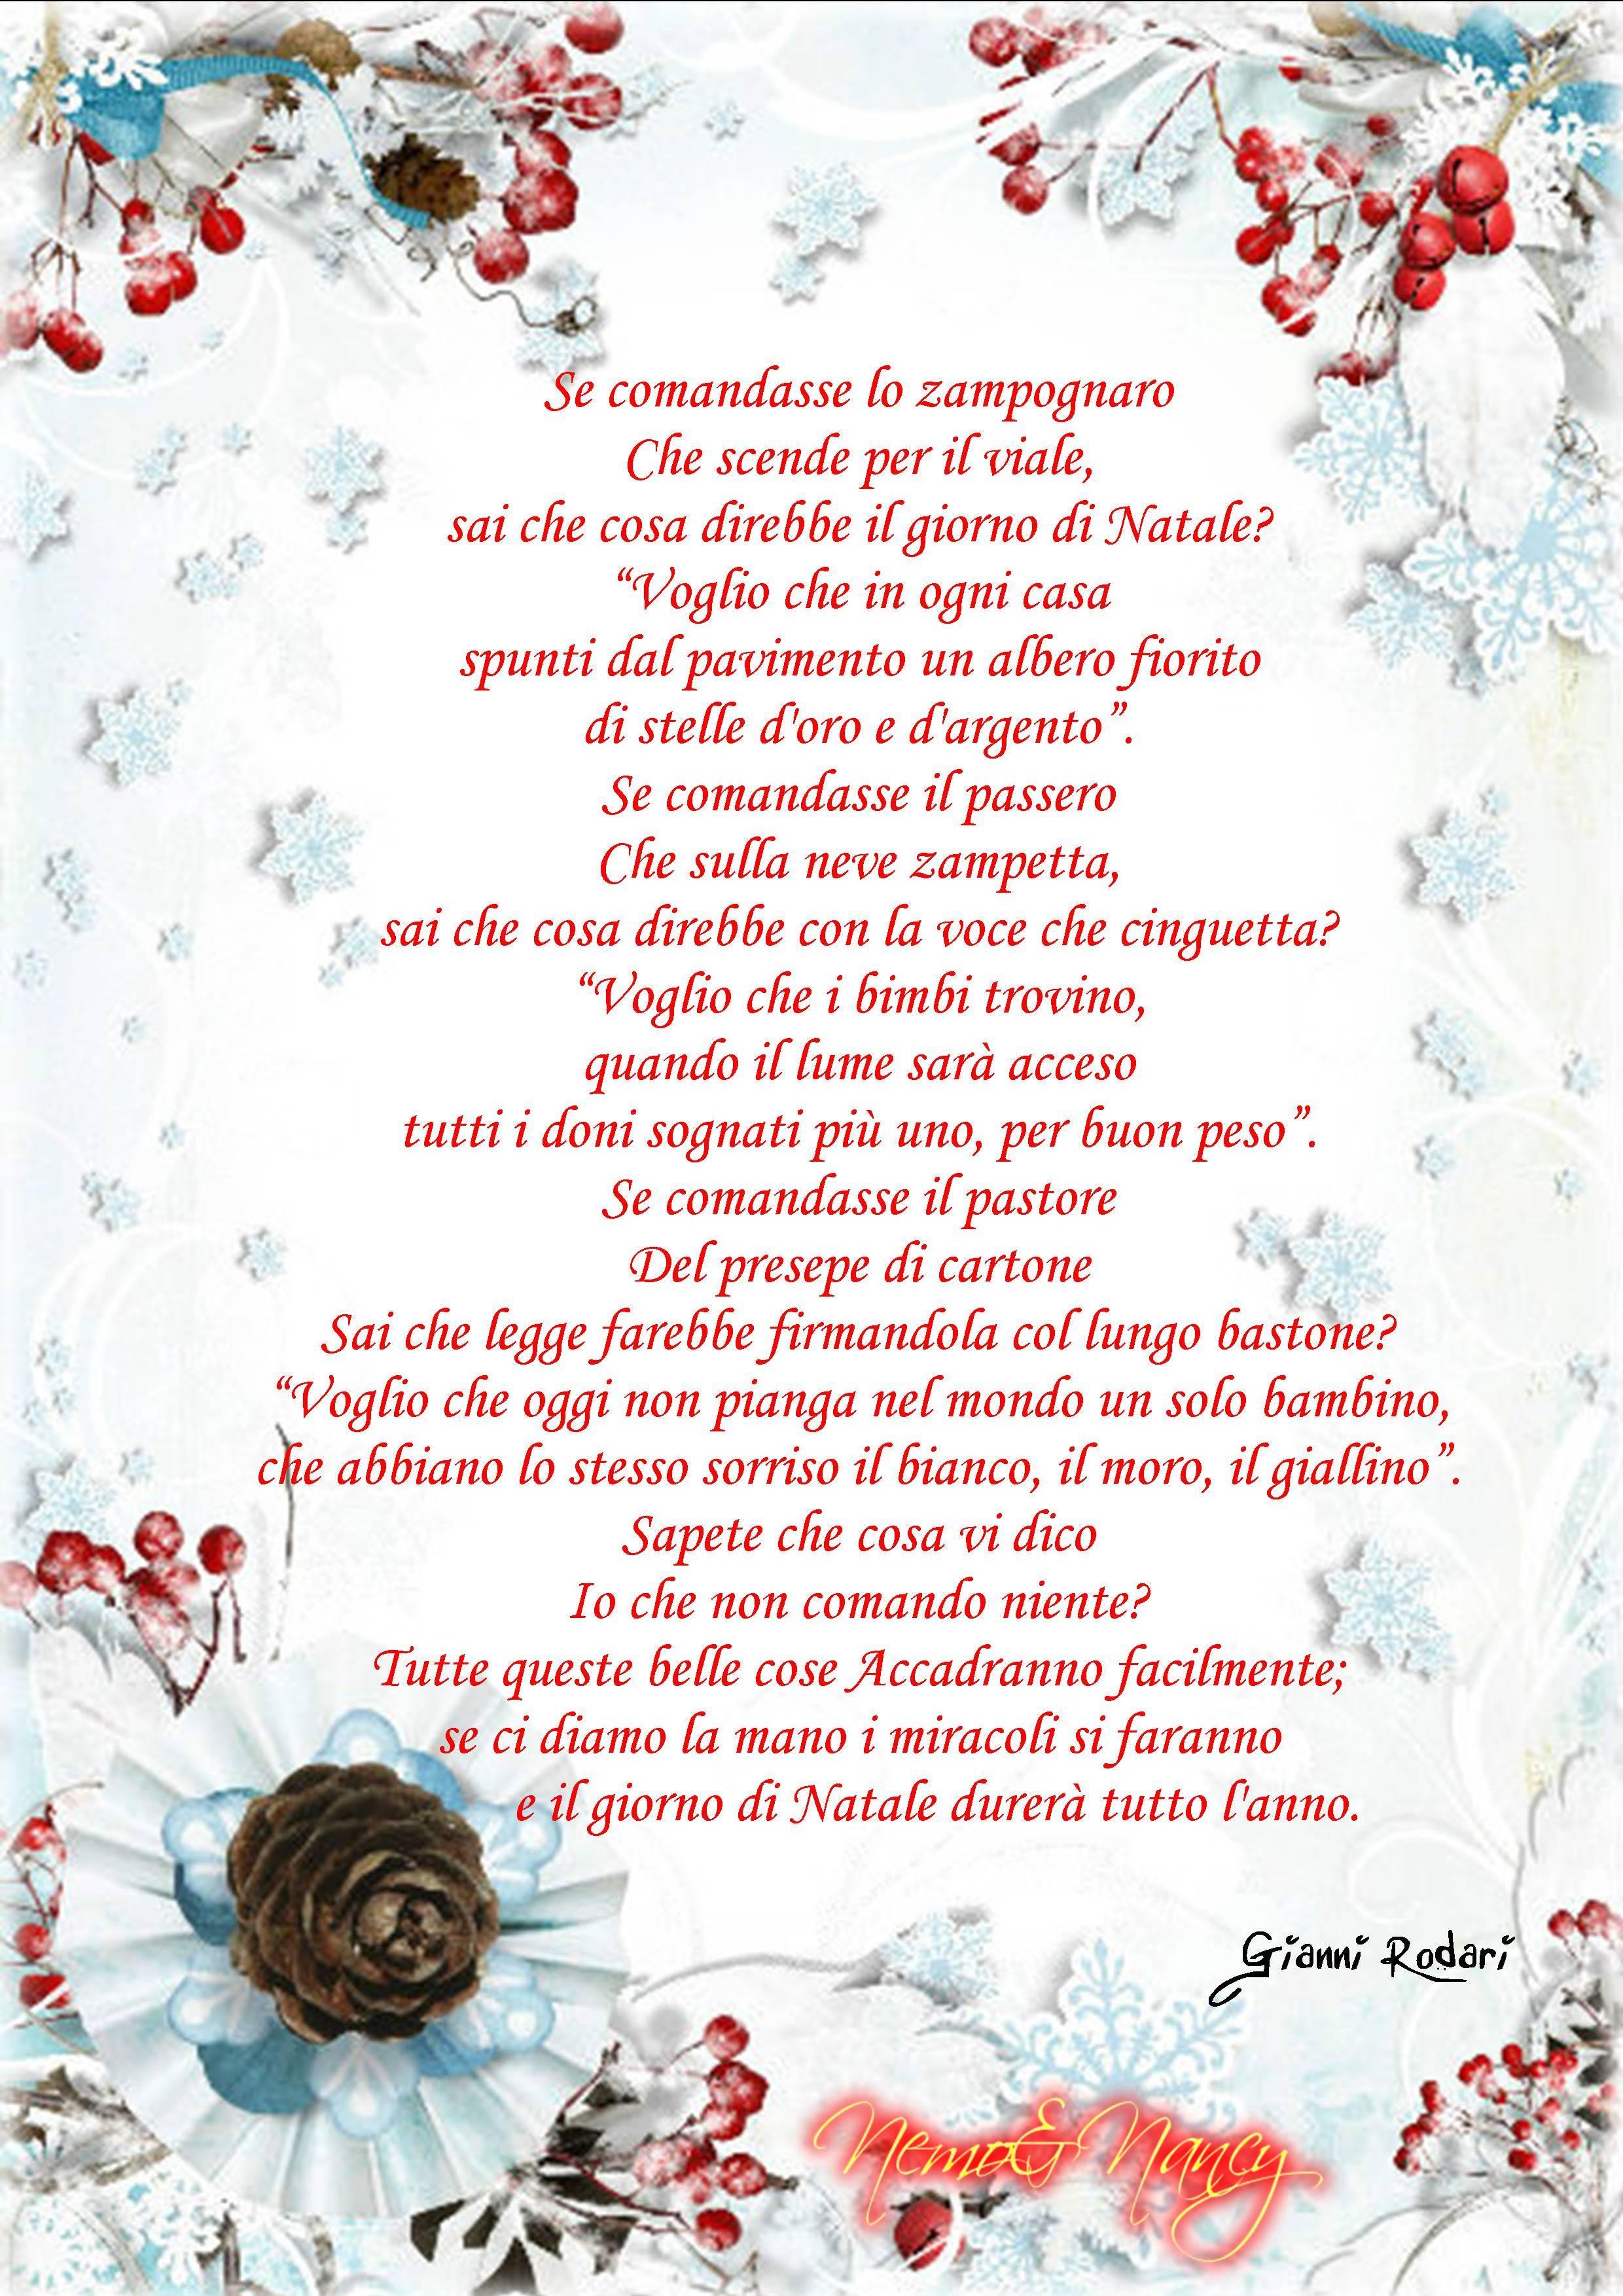 Poesia Natale Rodari.Un Regalo Per Voi Lo Zampognaro Gianni Rodari Nemoincucina